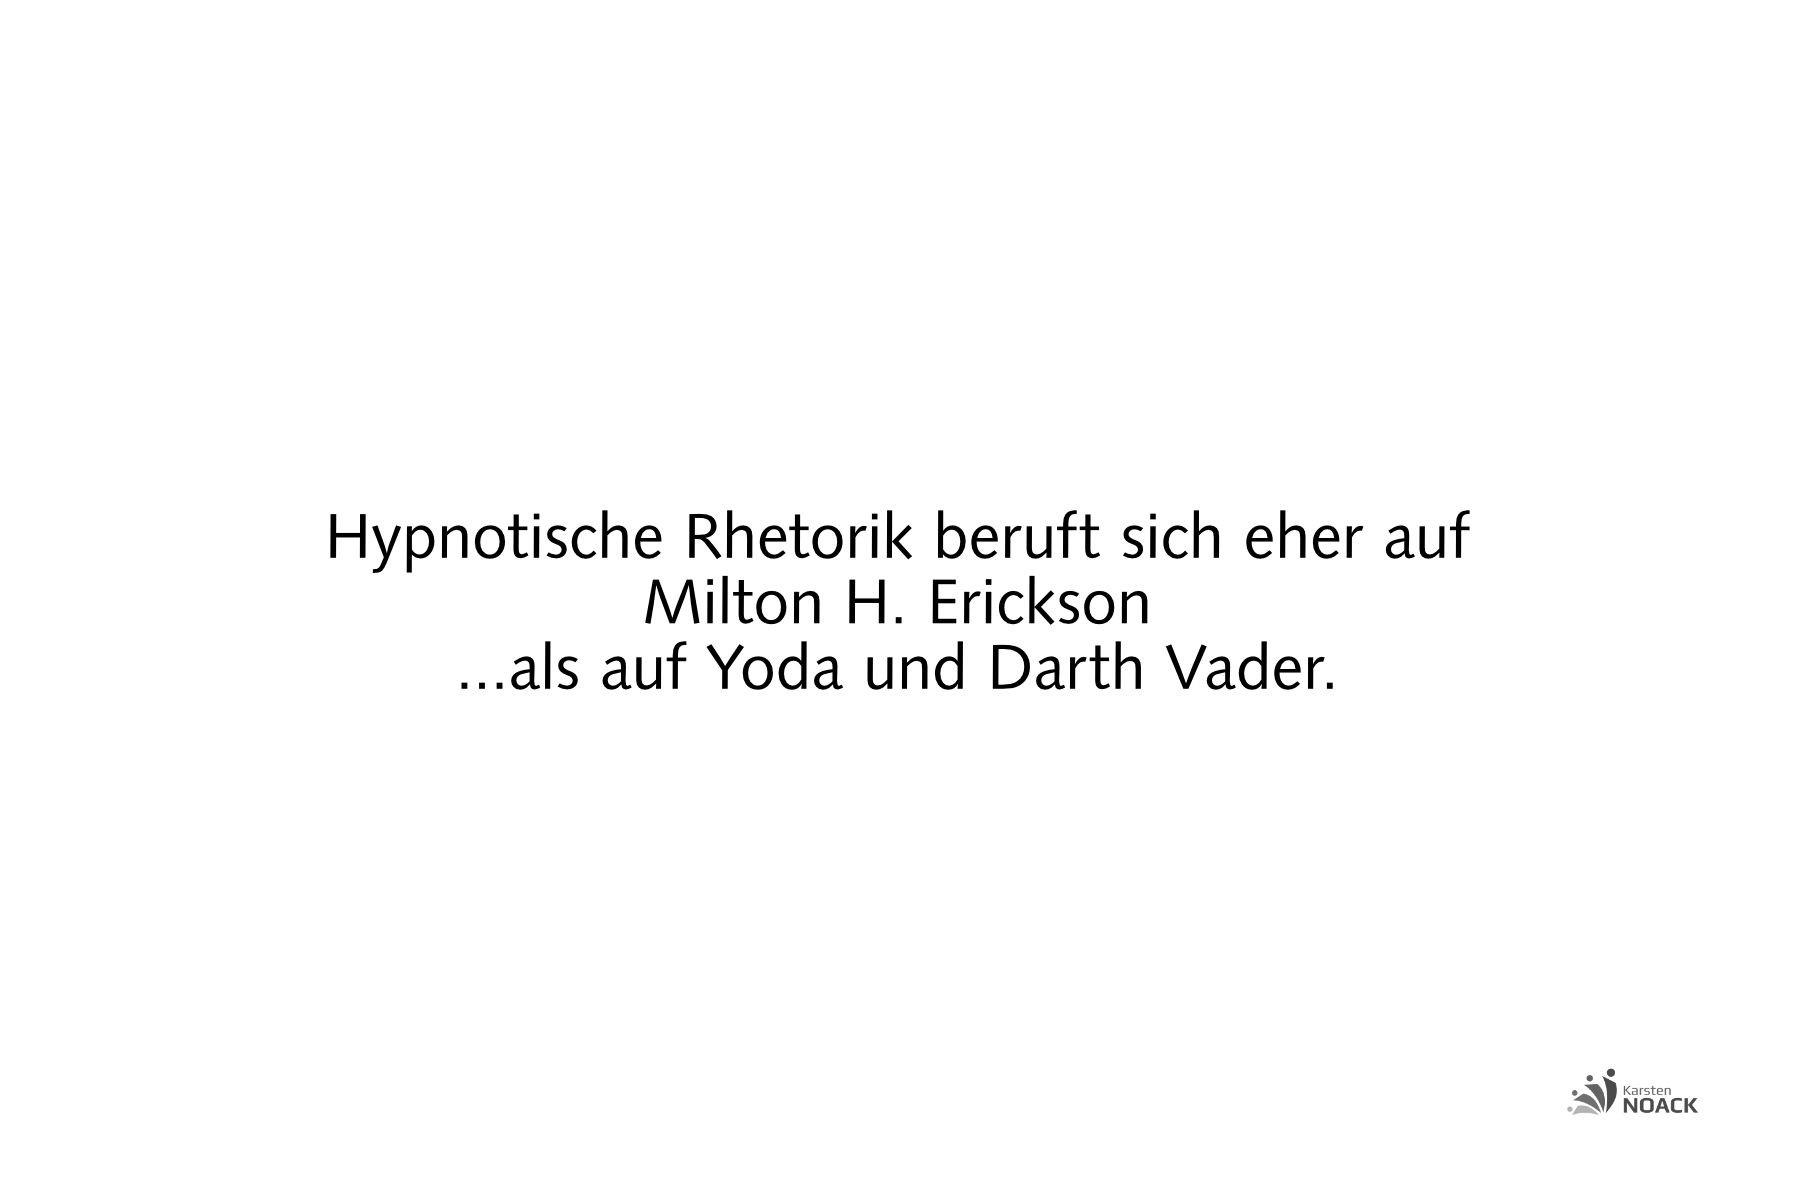 Hypnotische Rhetorik beruft sich eher auf Milton H. Erickson ...als auf Yoda und Darth Vader.